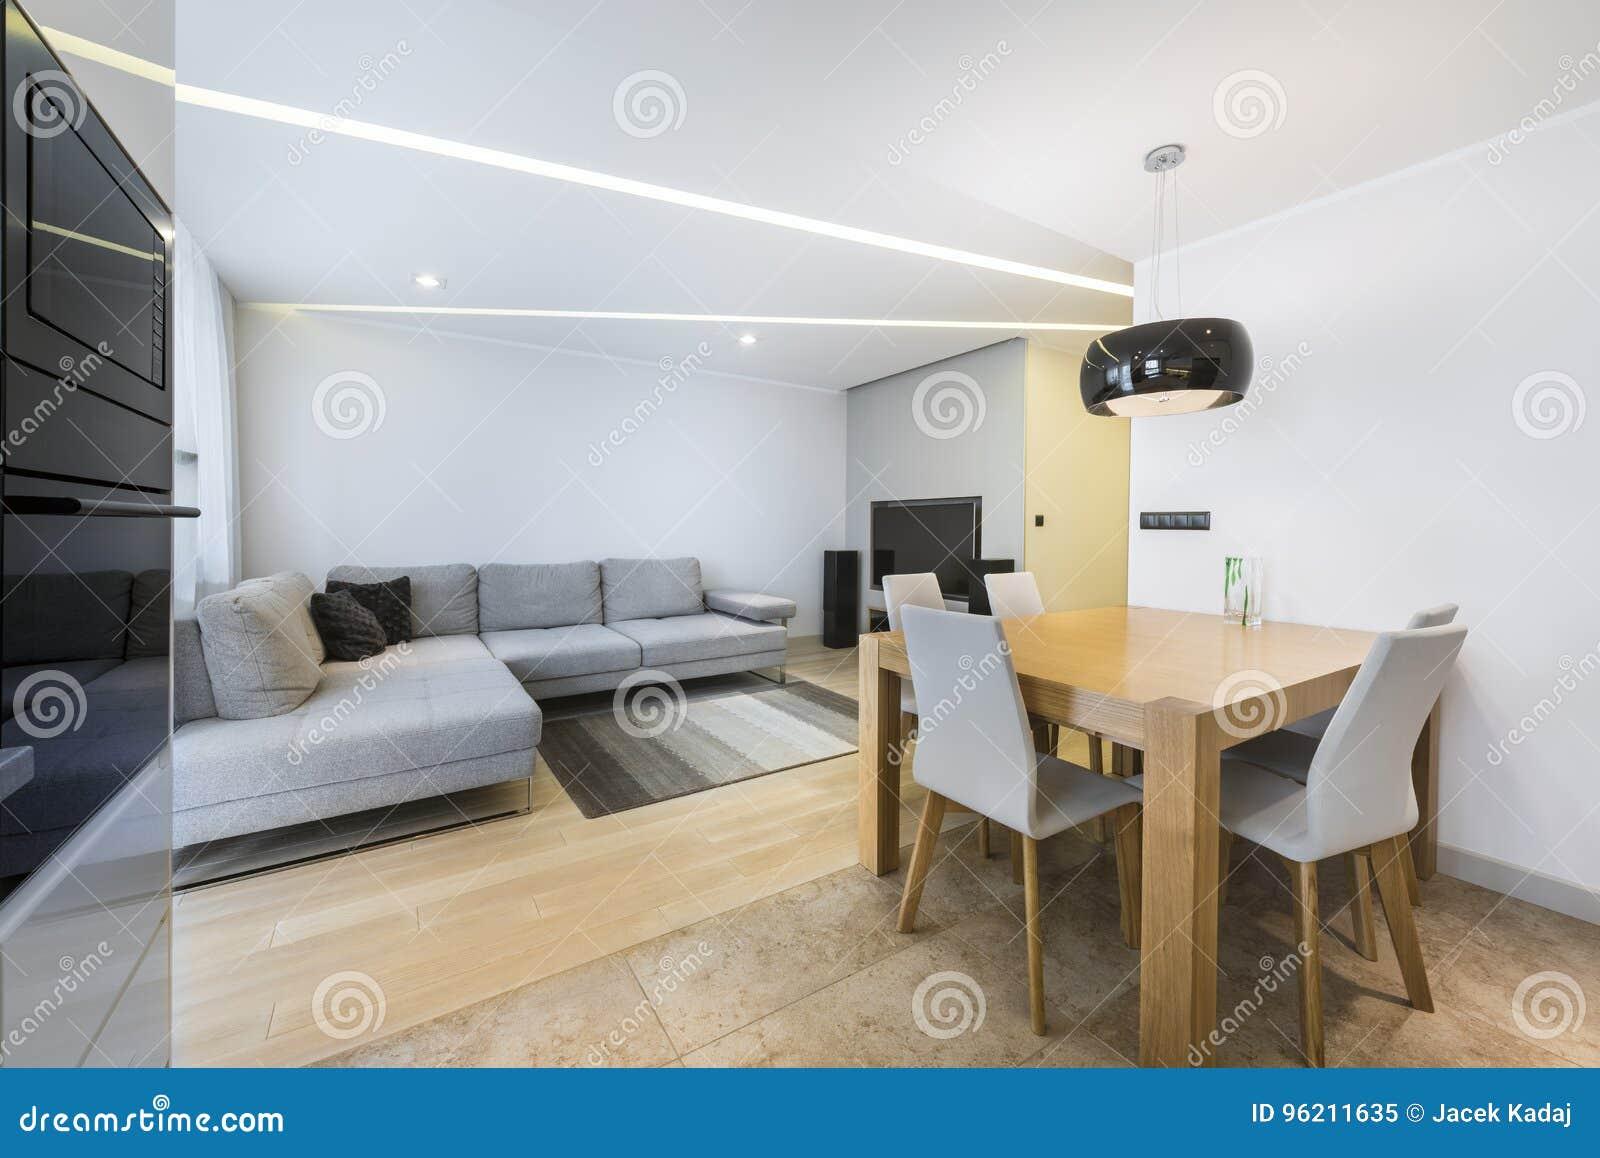 Modernes Wohnzimmer Und Küche